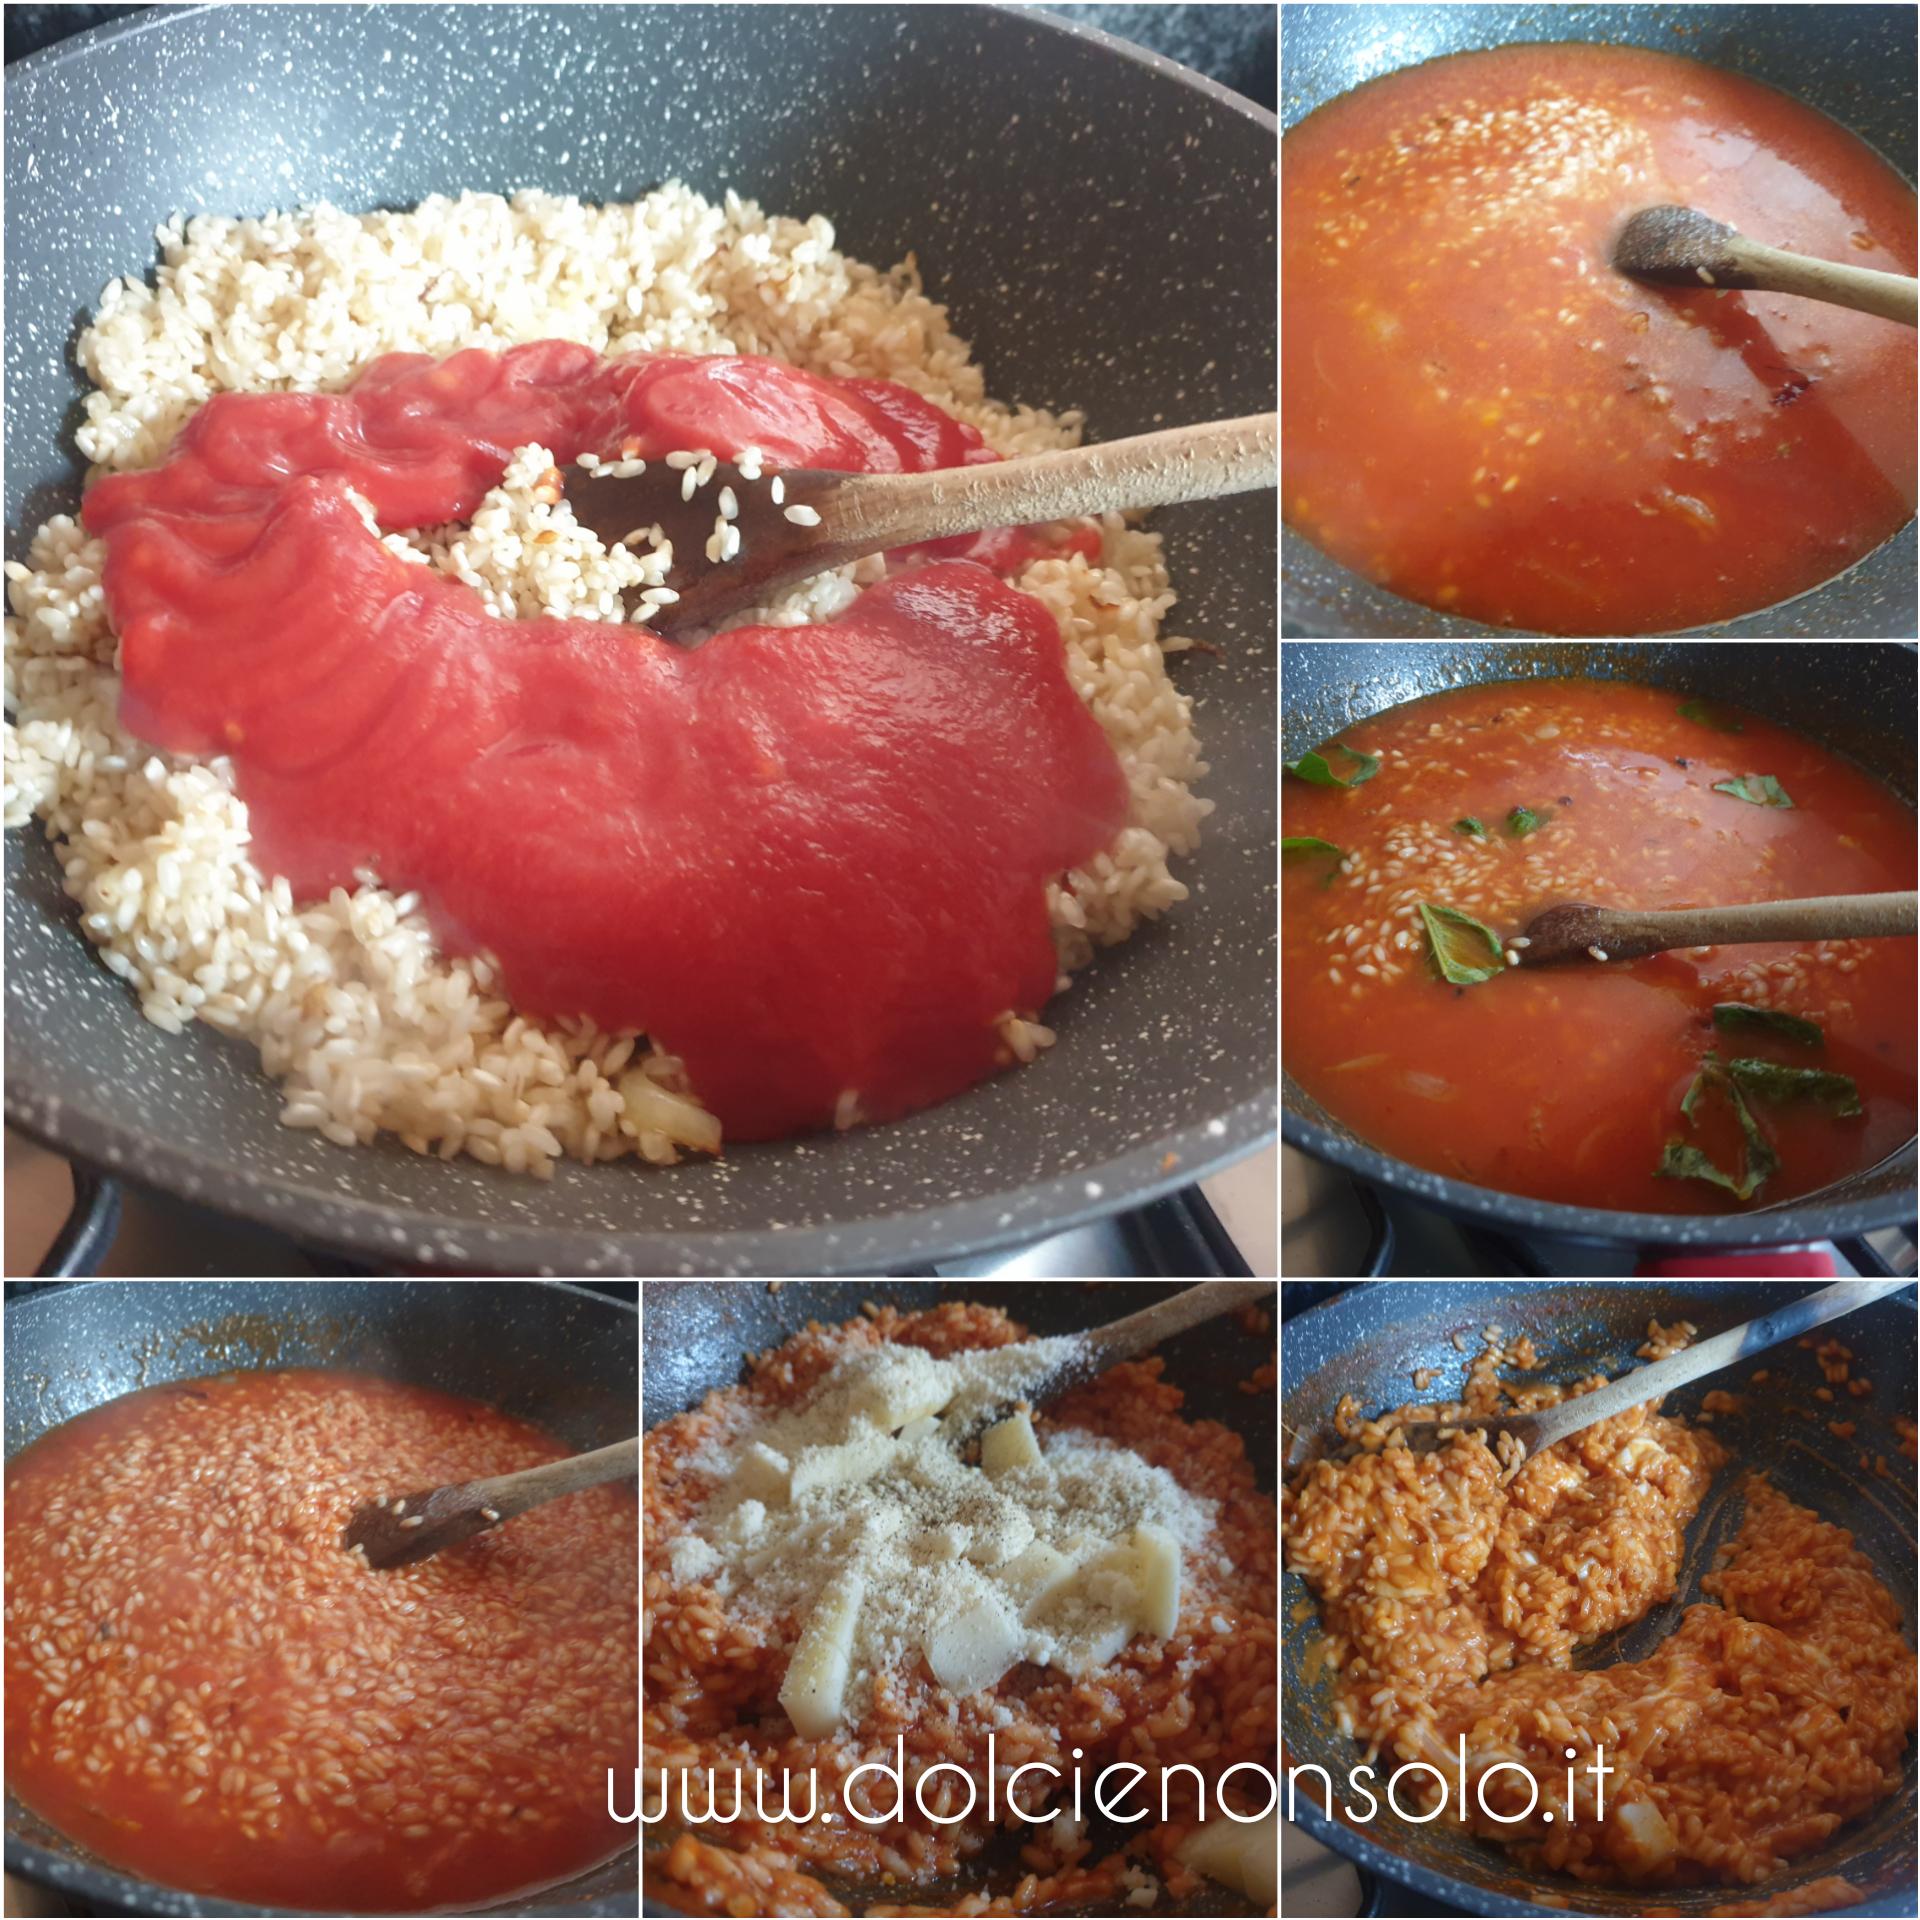 risotto con aggiunta di pomodoro